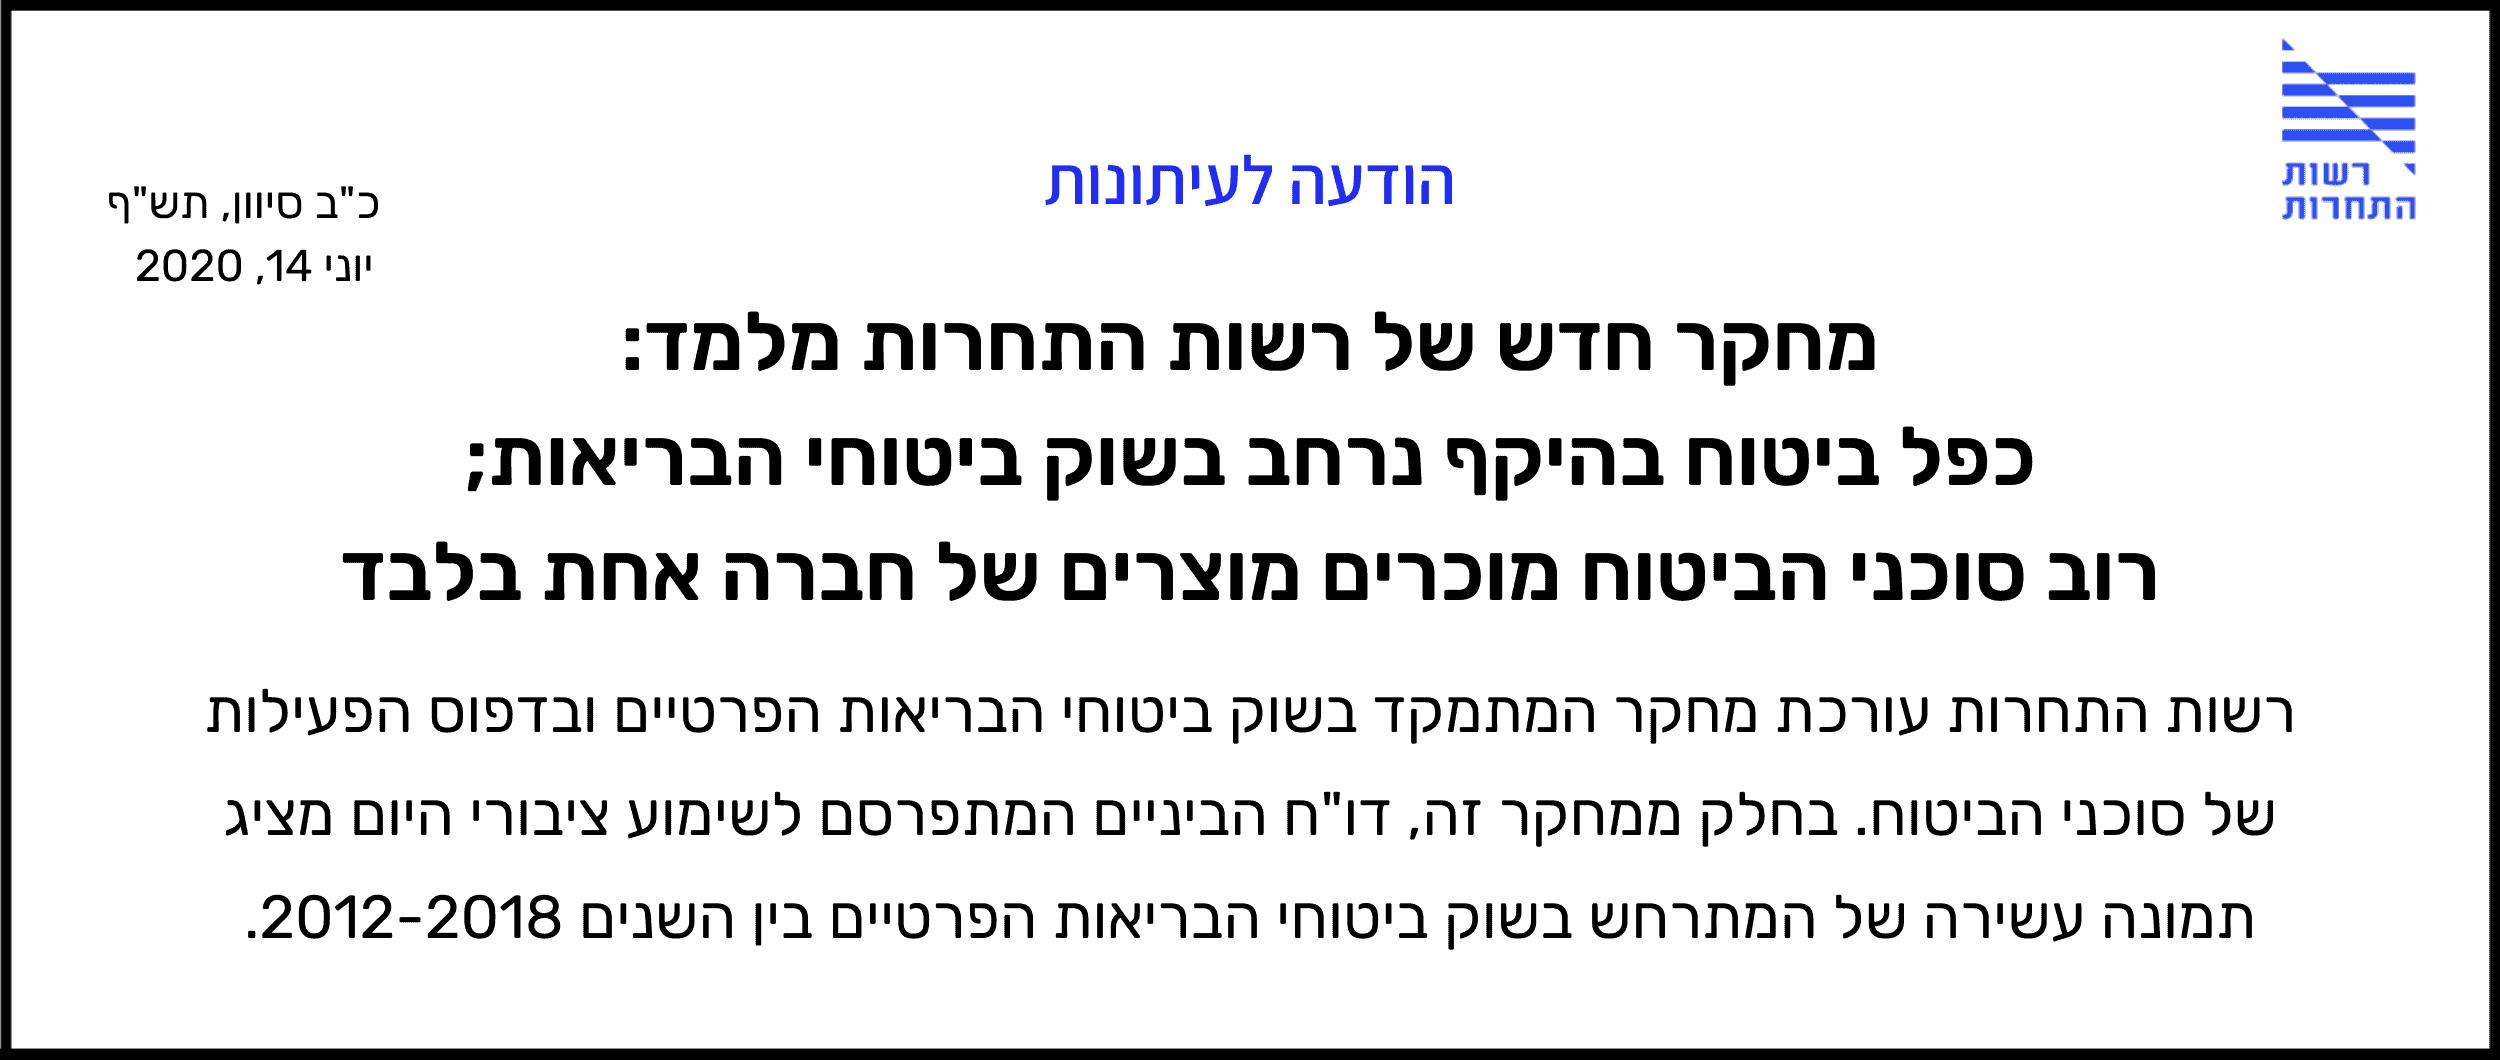 הודעה לעיתונות (1)